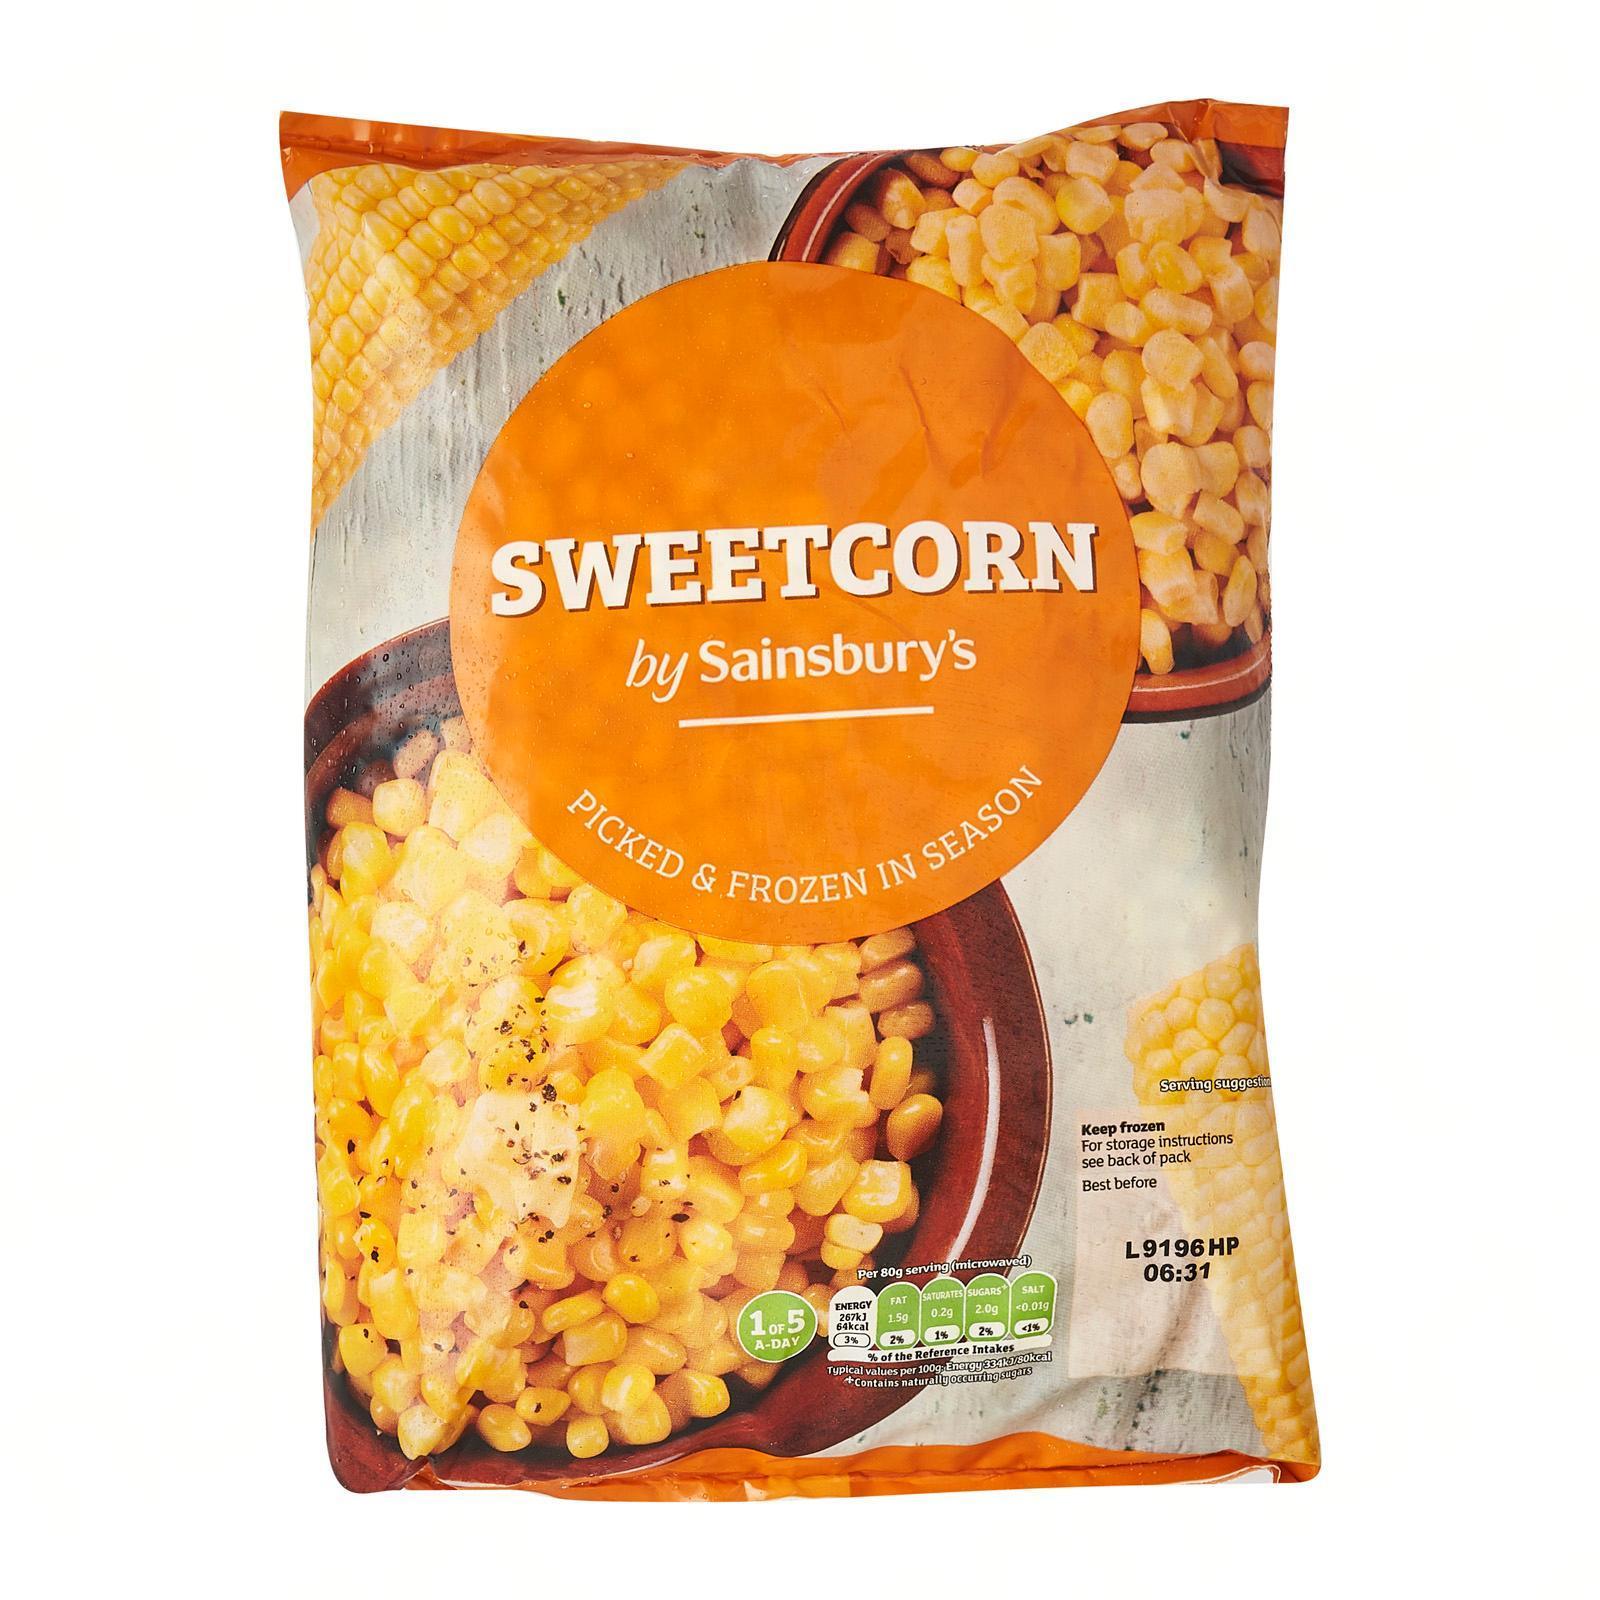 Sainsbury's Sweet Corn - Frozen